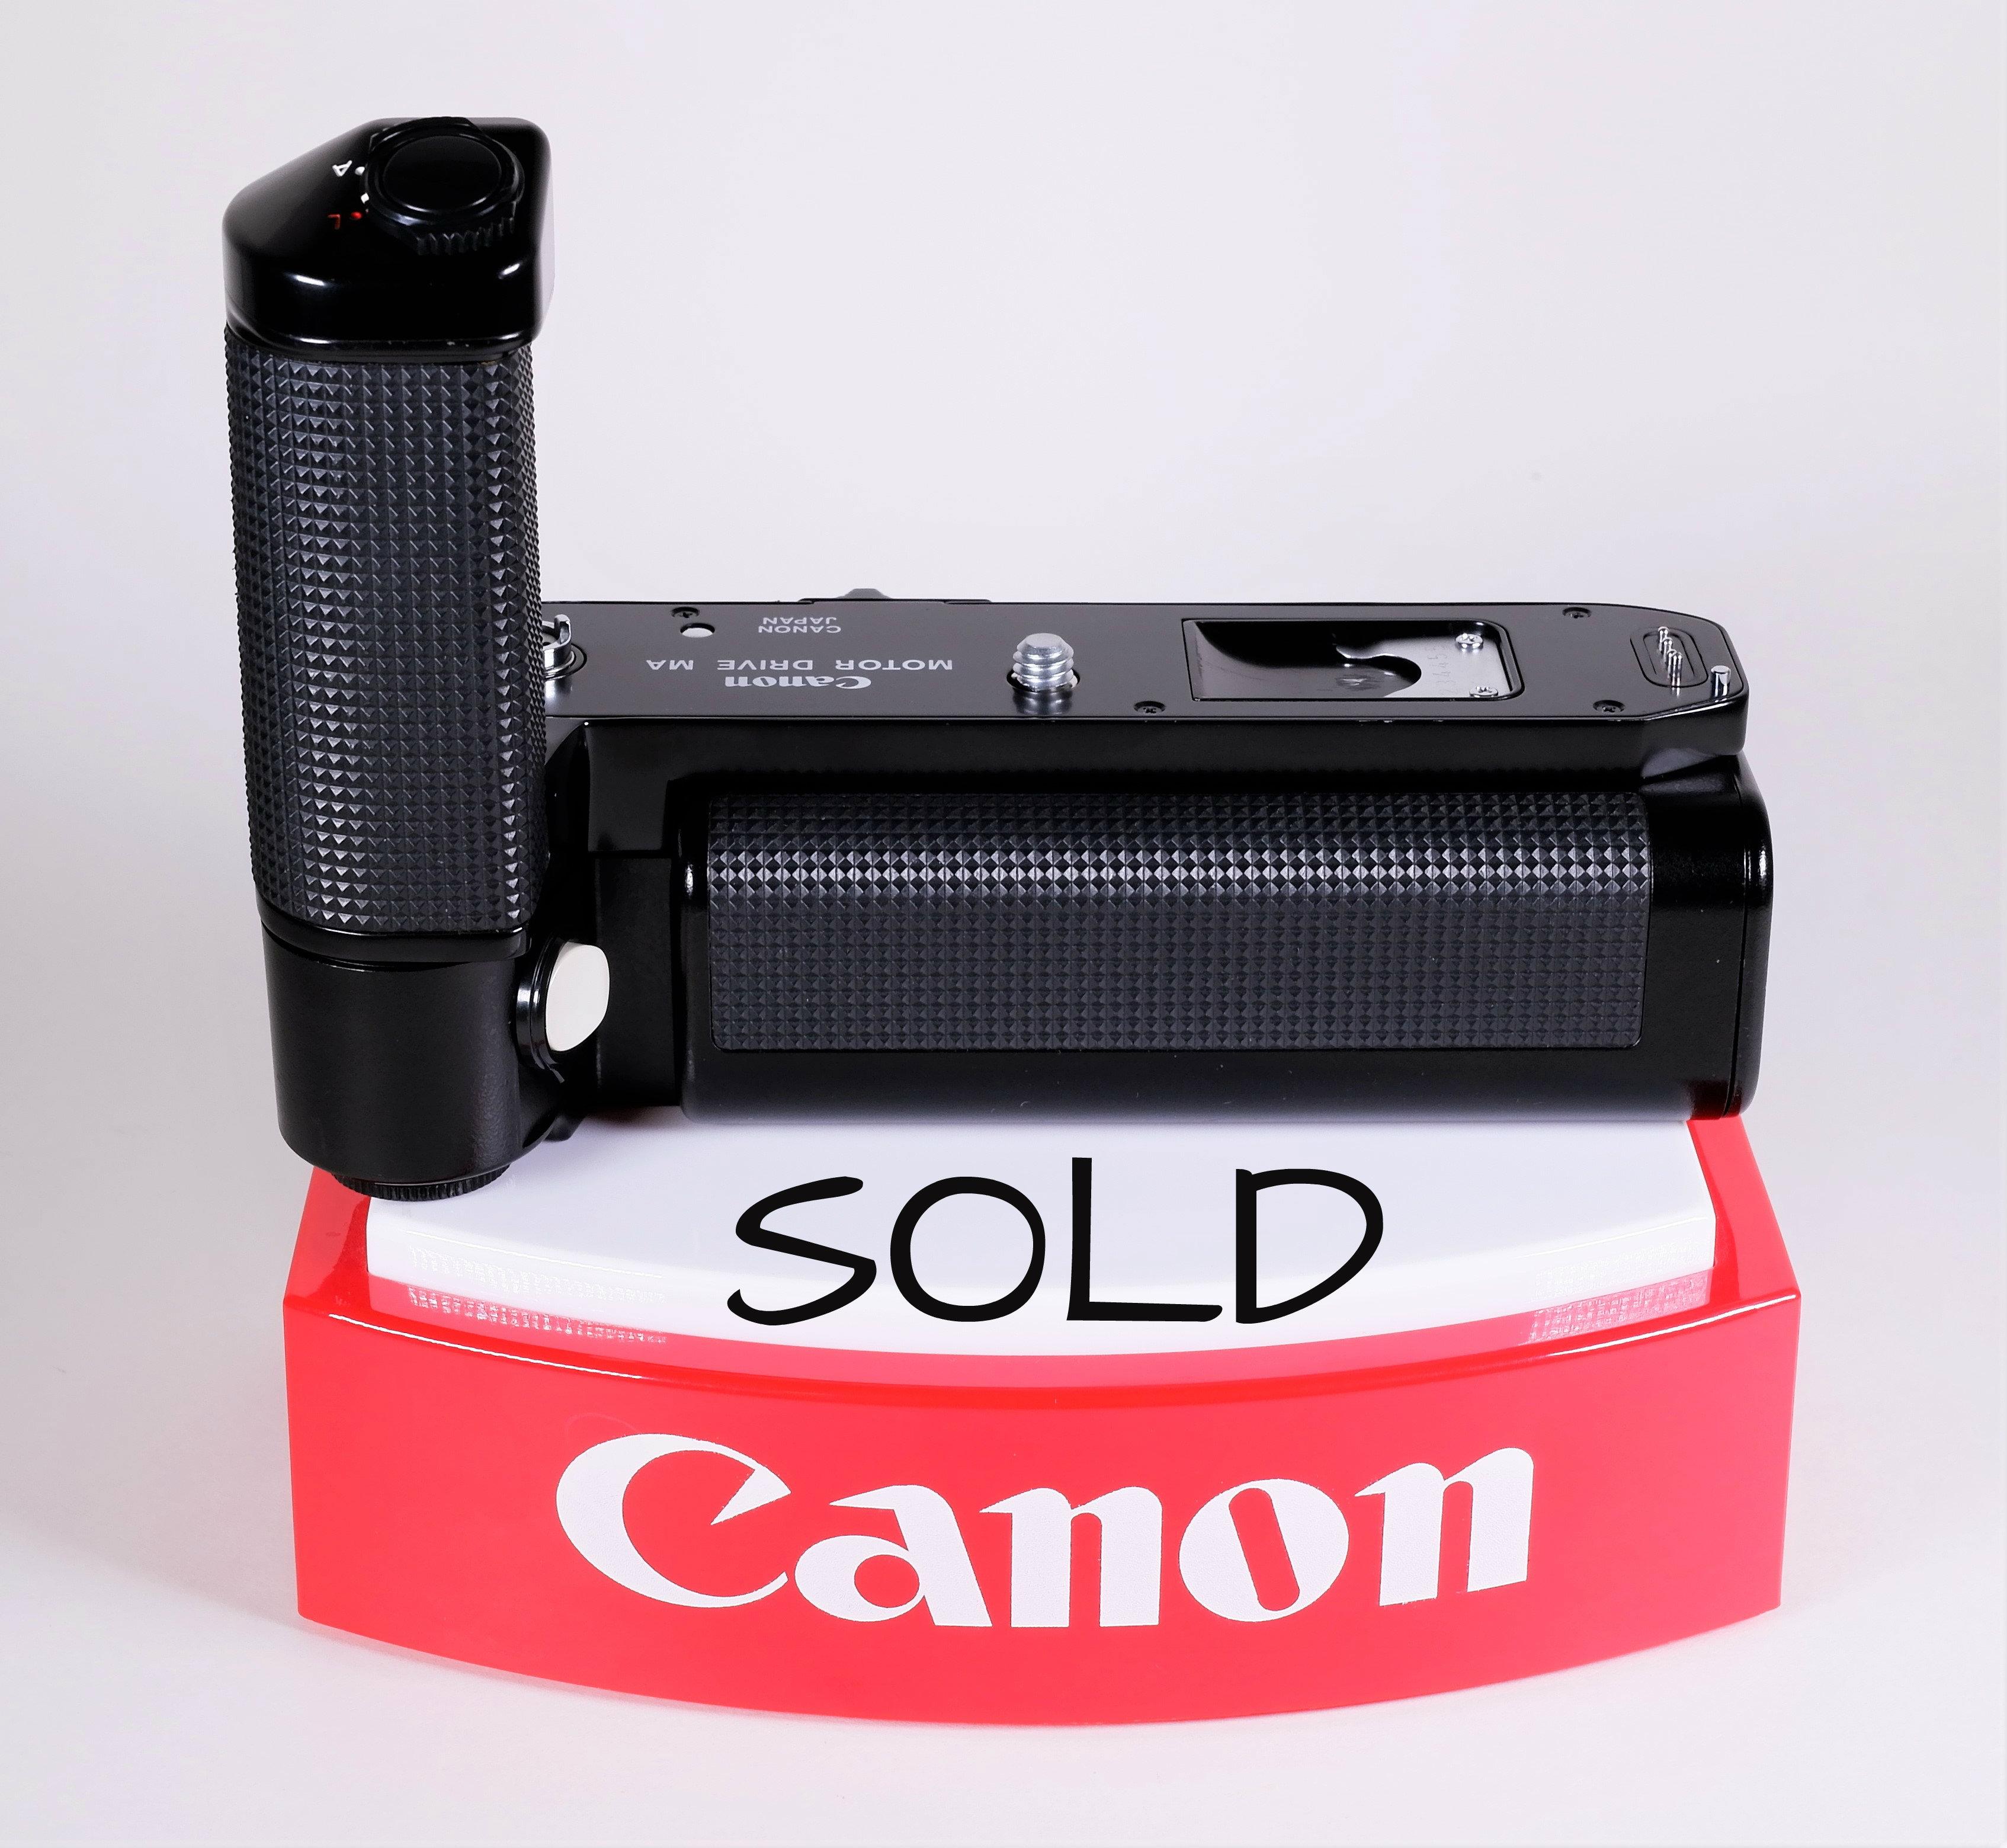 dscf8983 sold